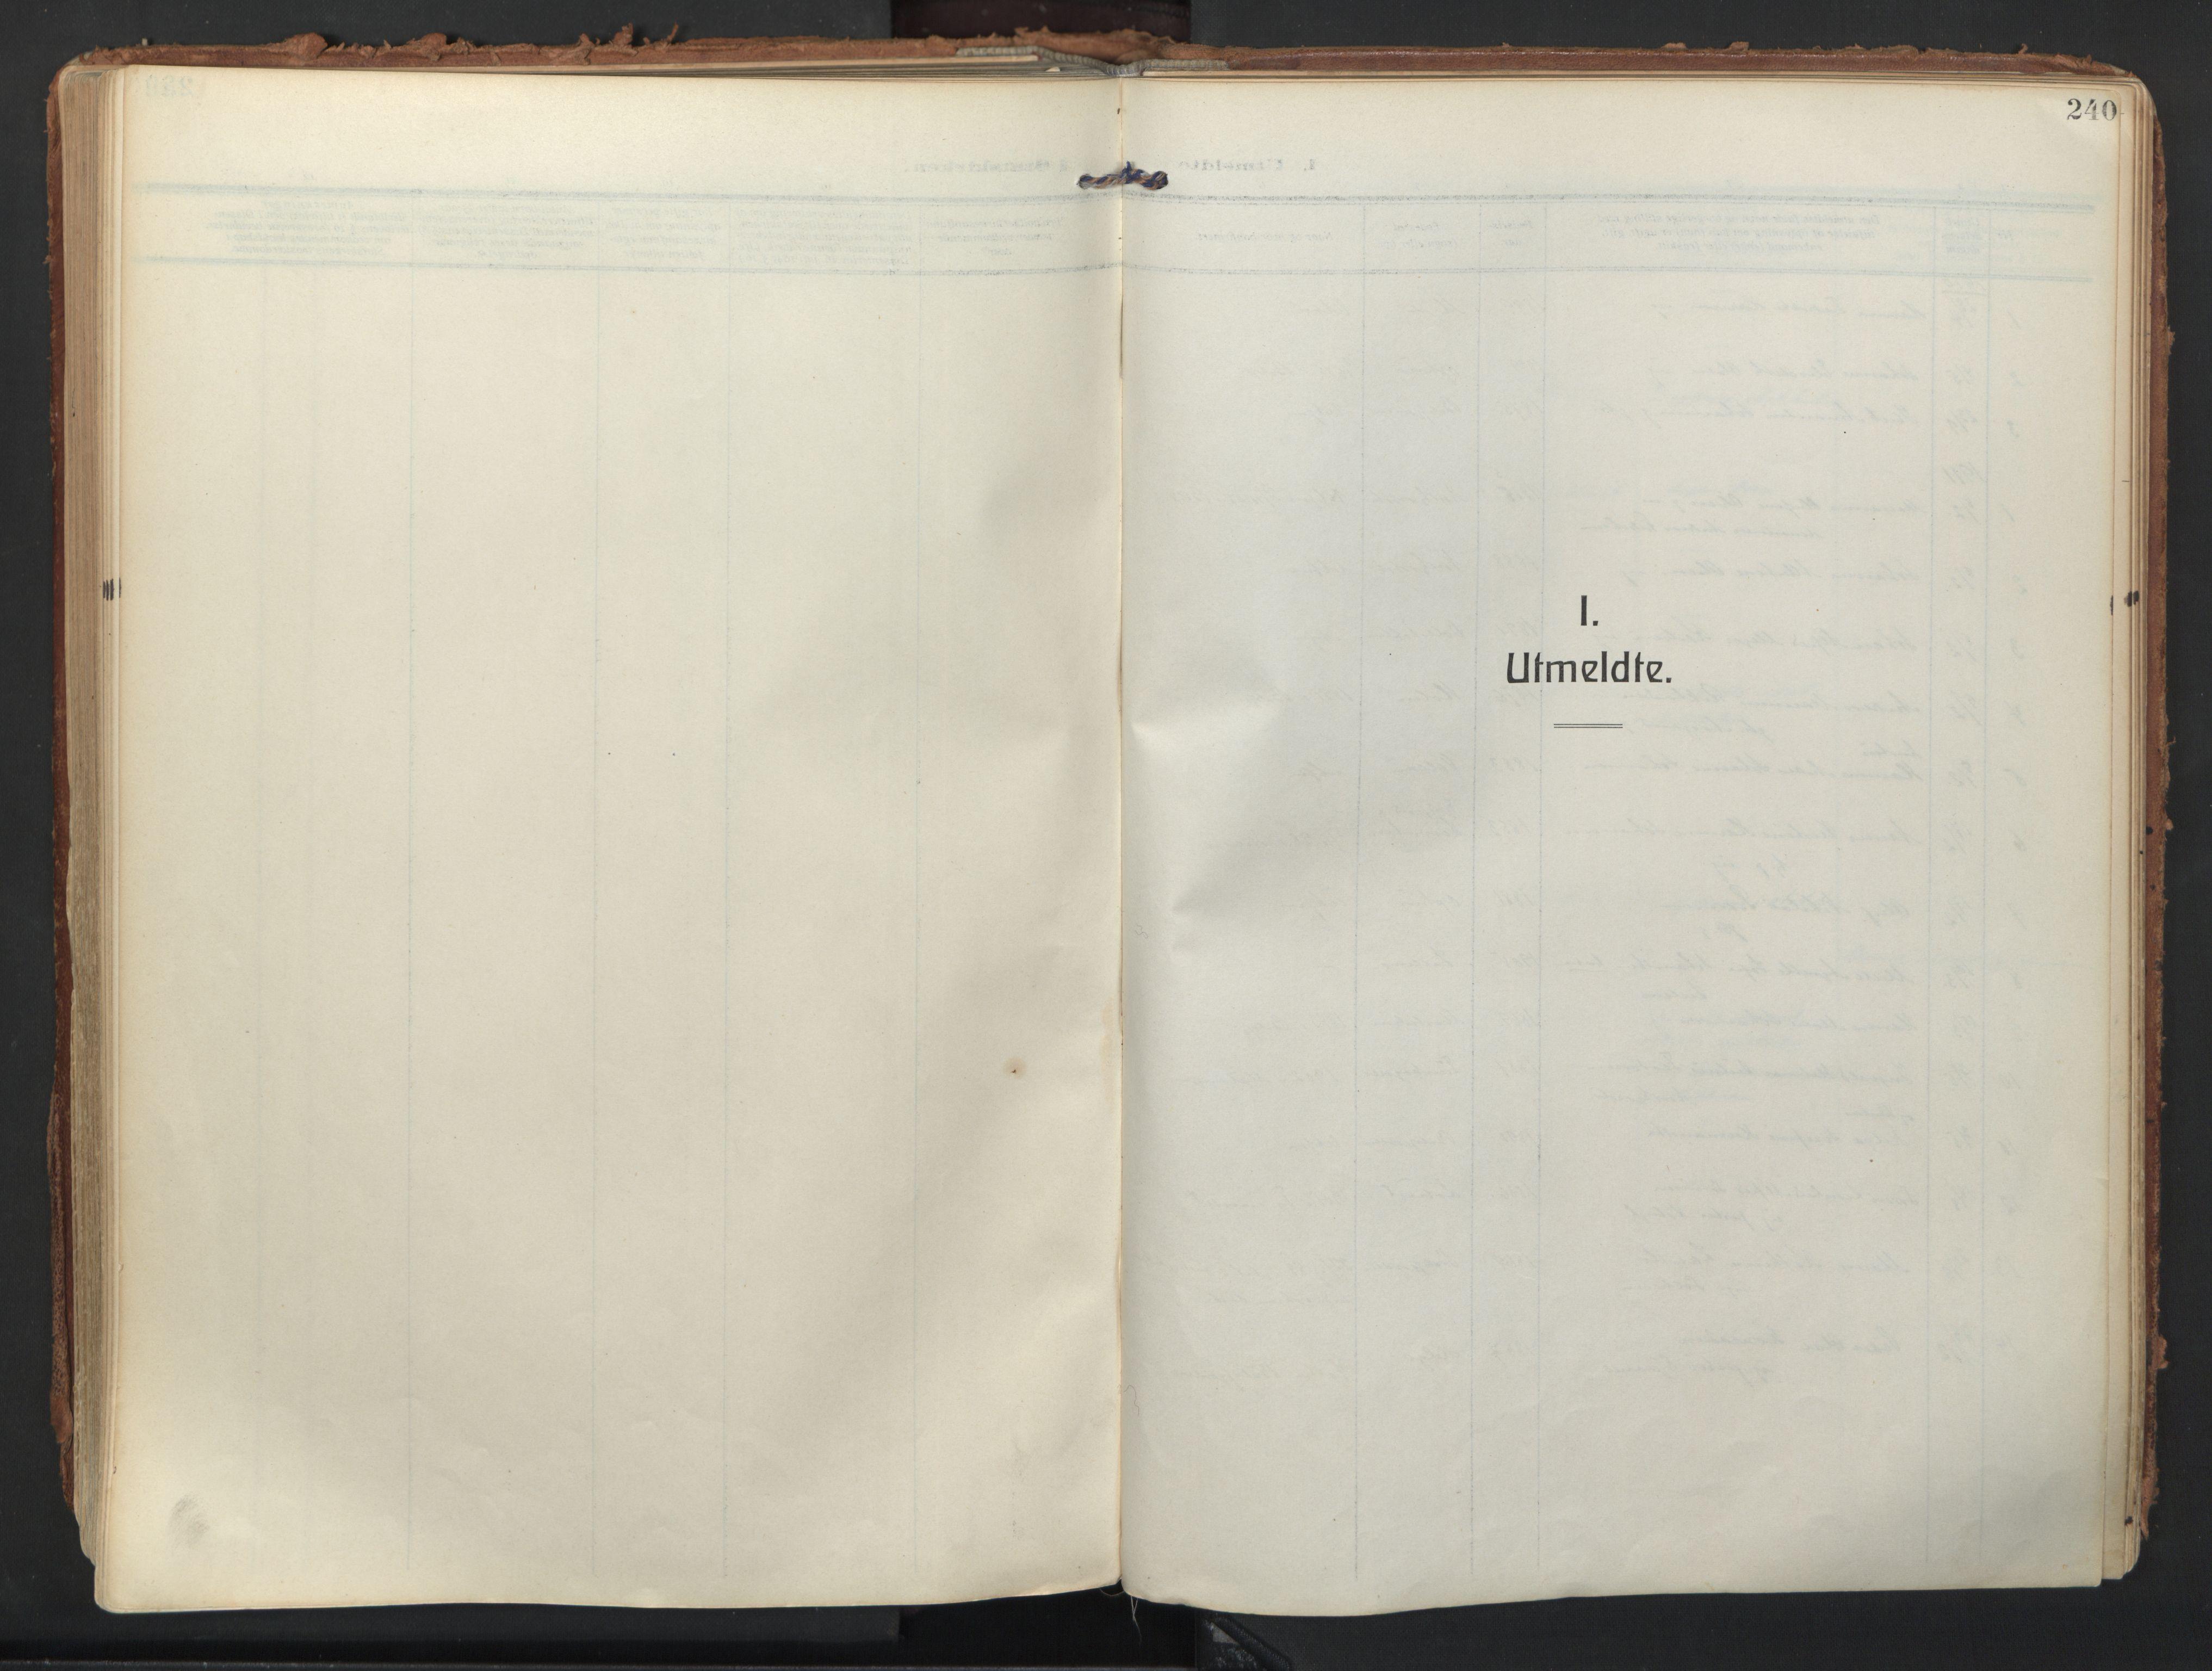 SATØ, Balsfjord sokneprestembete, Ministerialbok nr. 9, 1909-1921, s. 240